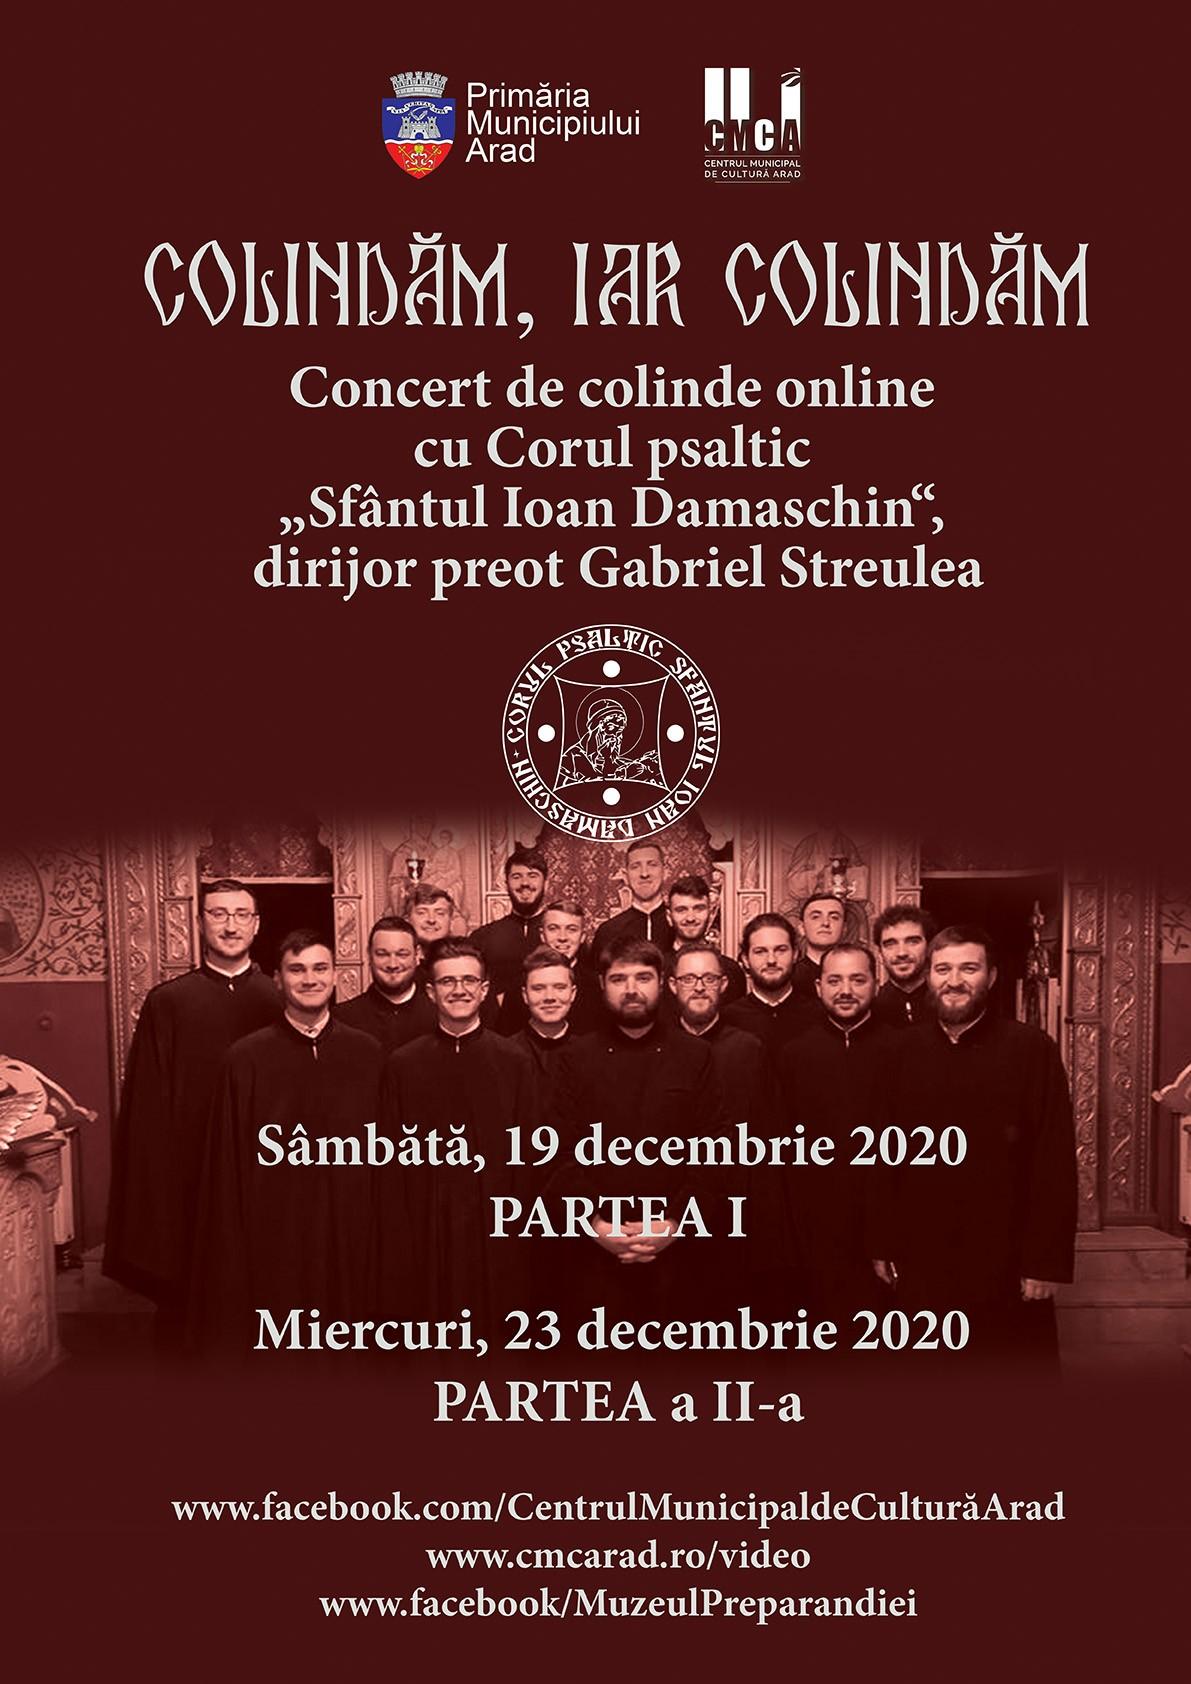 """""""Colindăm, iar colindăm"""" – concert de colinde online, cu Corul psaltic  """"Sfântul Ioan Damaschin"""""""